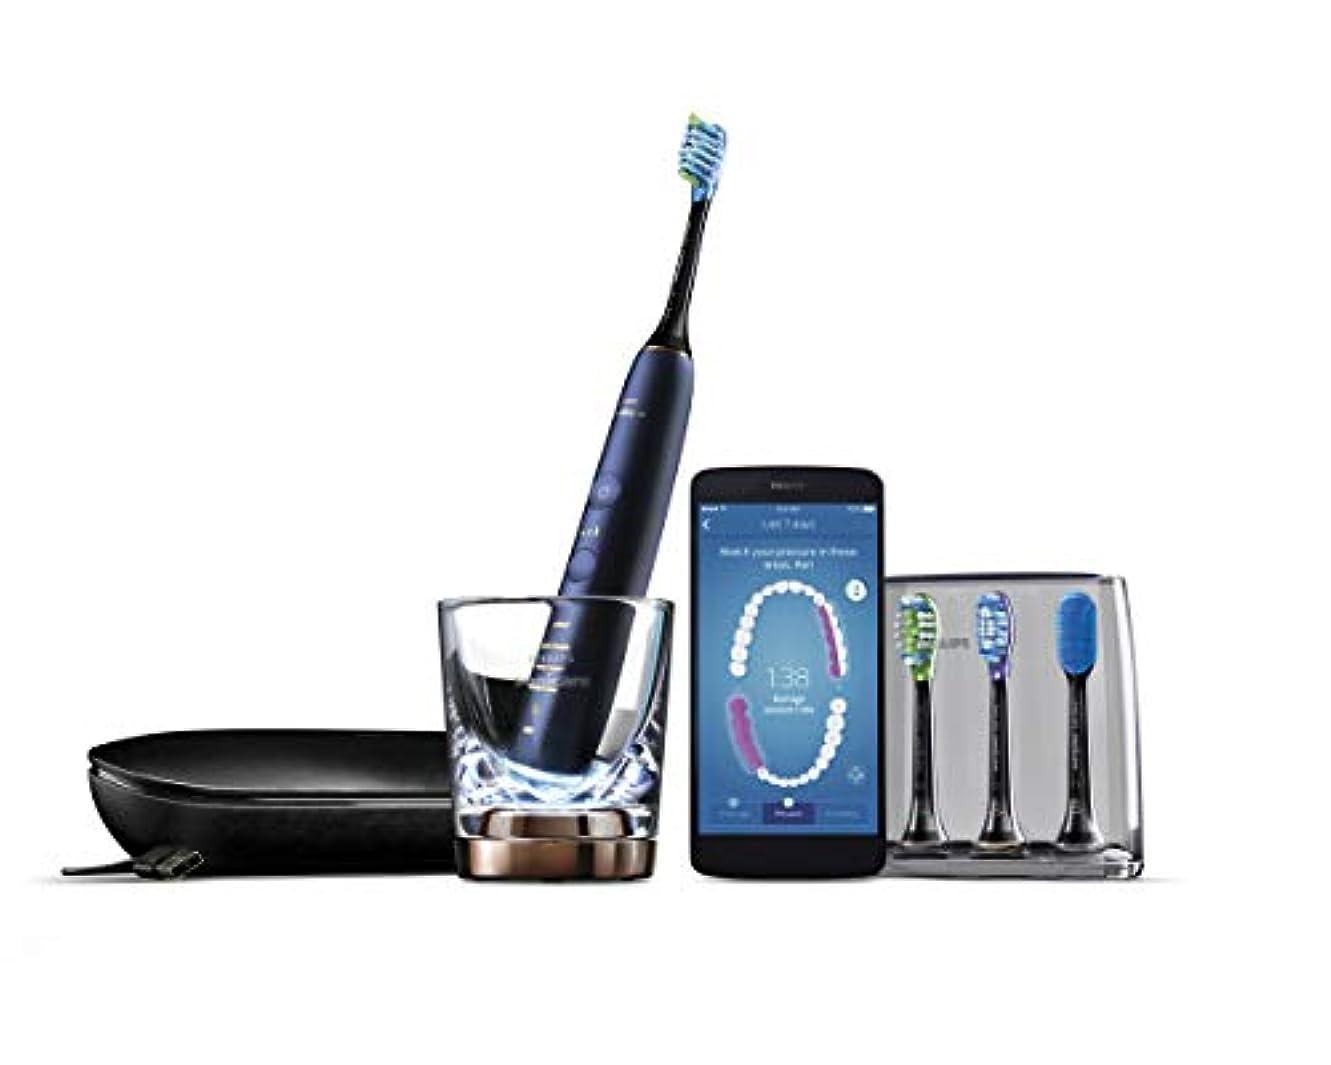 申請中薬用ファイルフィリップス ソニッケアー ダイヤモンドクリーン スマート 電動歯ブラシ ルナーブルー HX9964/55